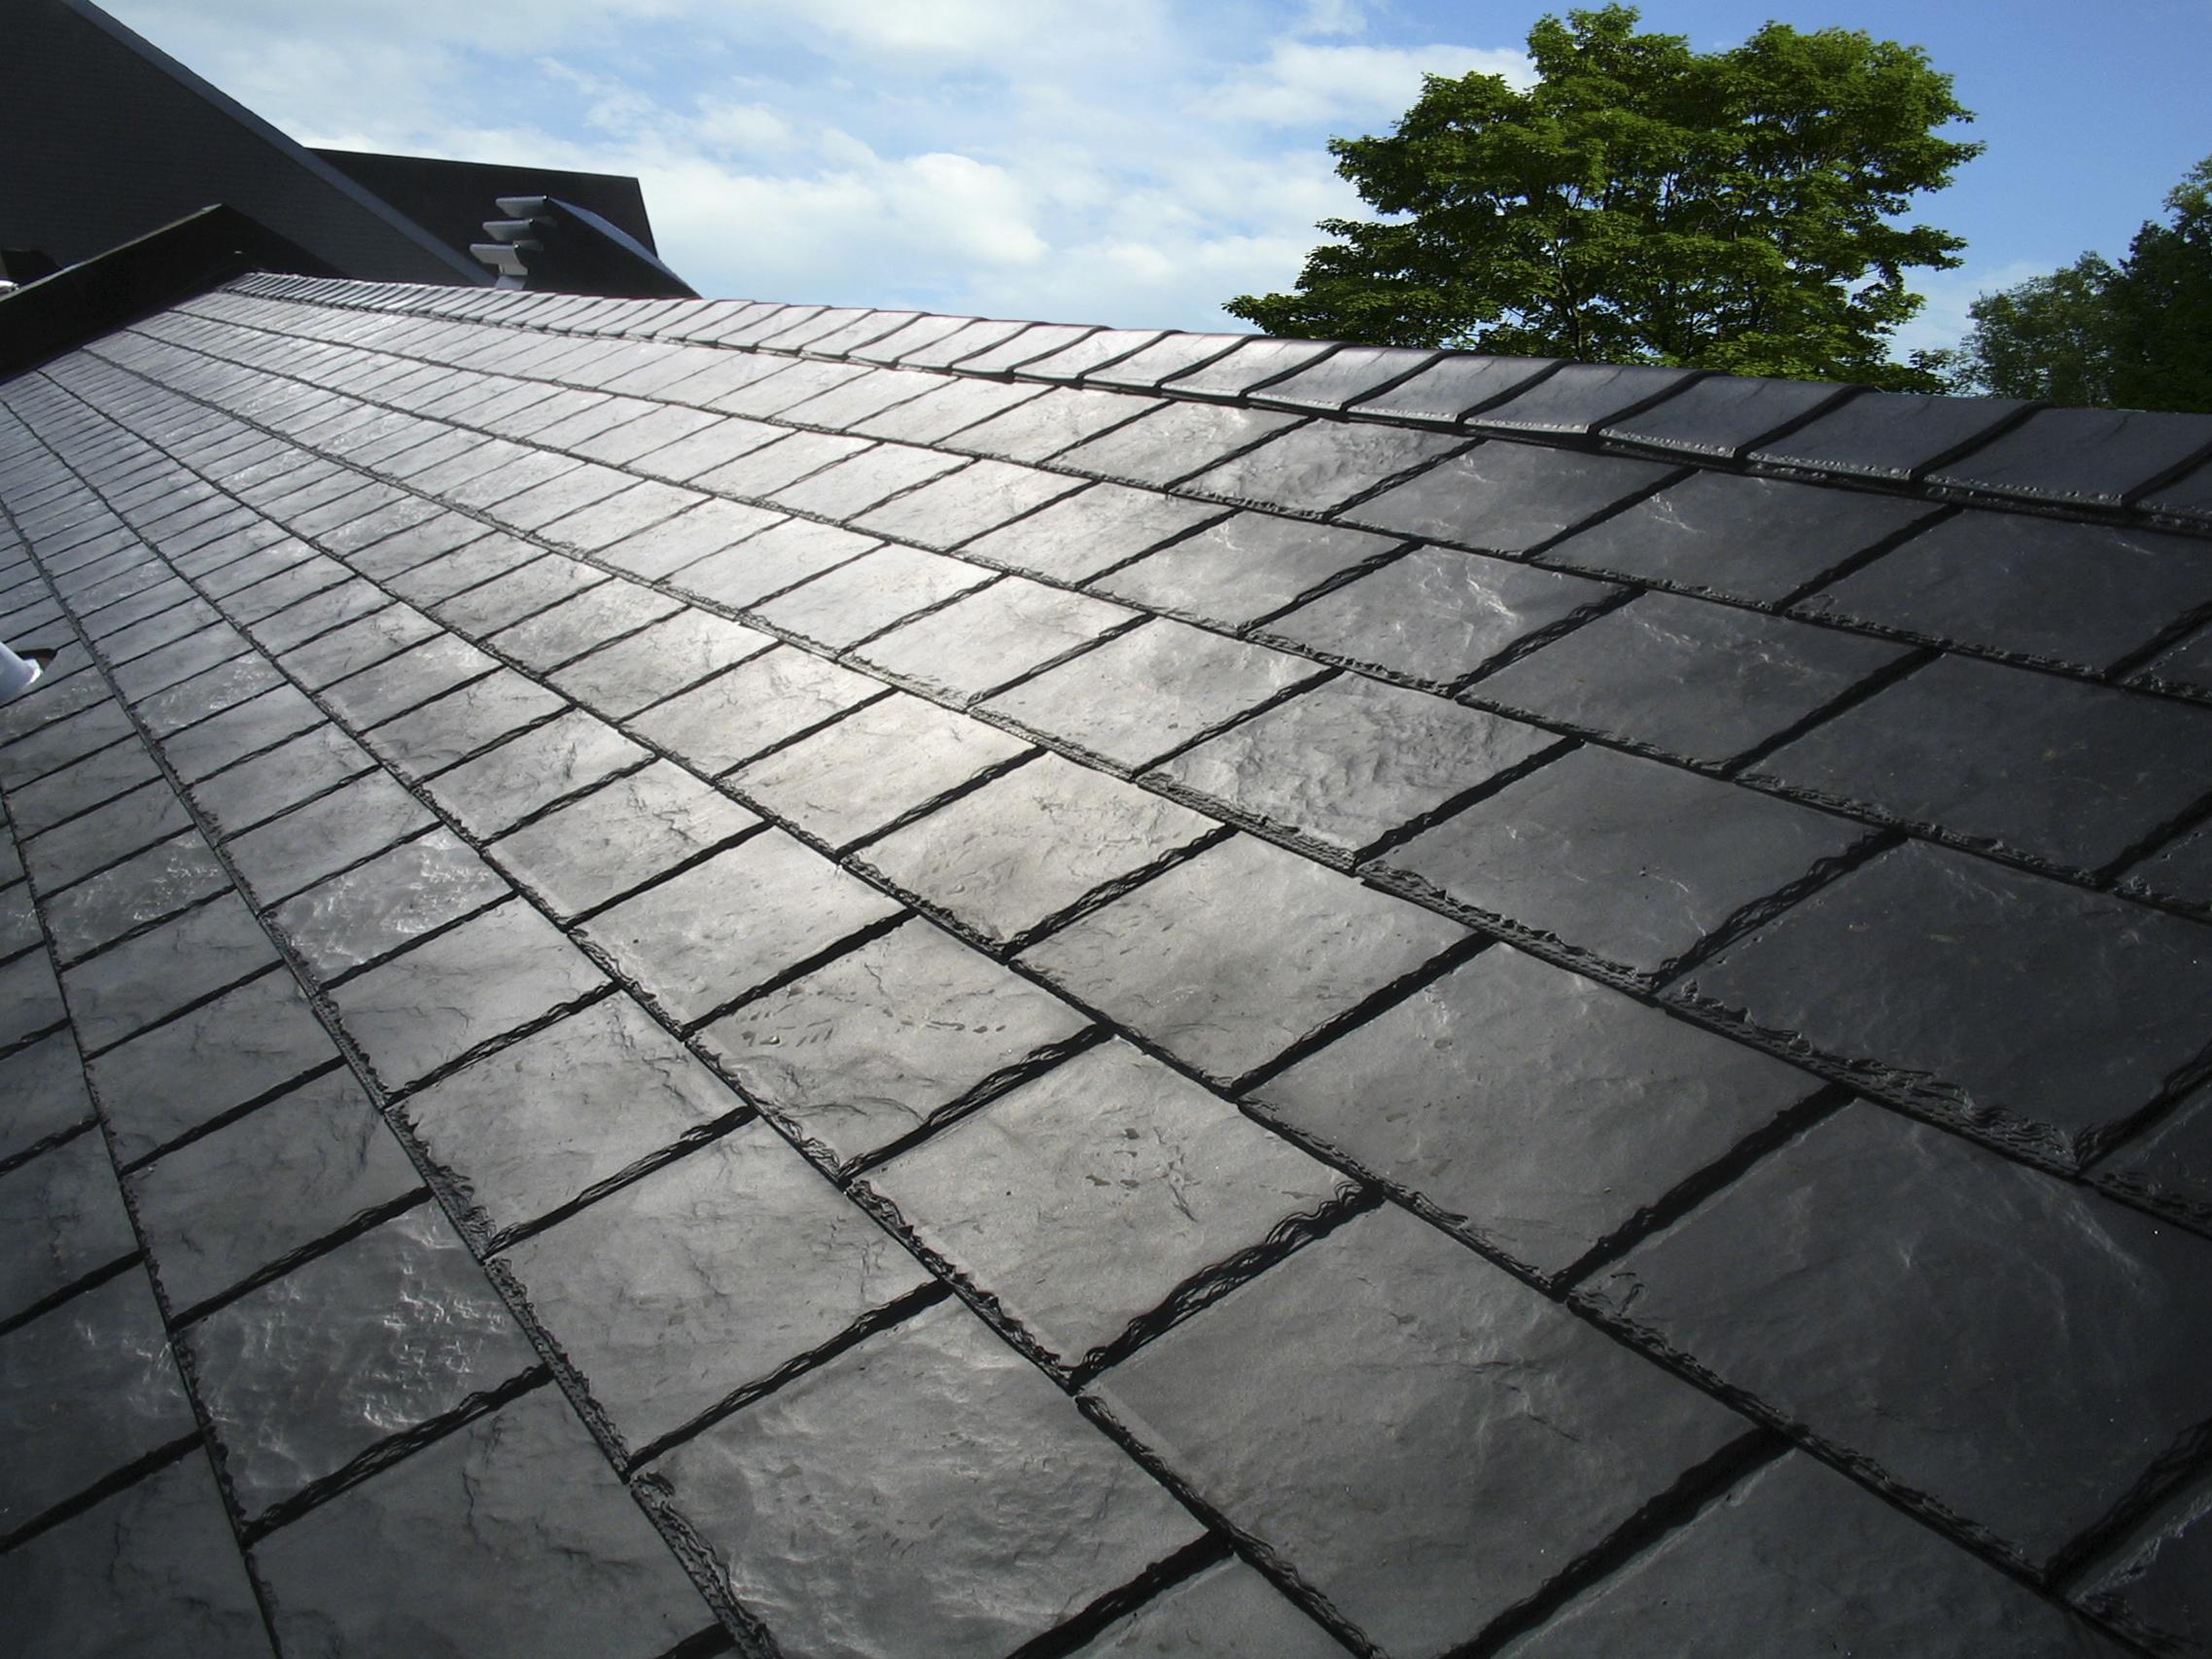 Panneau de toiture imitation ardoise L135.3xH57.15 gris ...